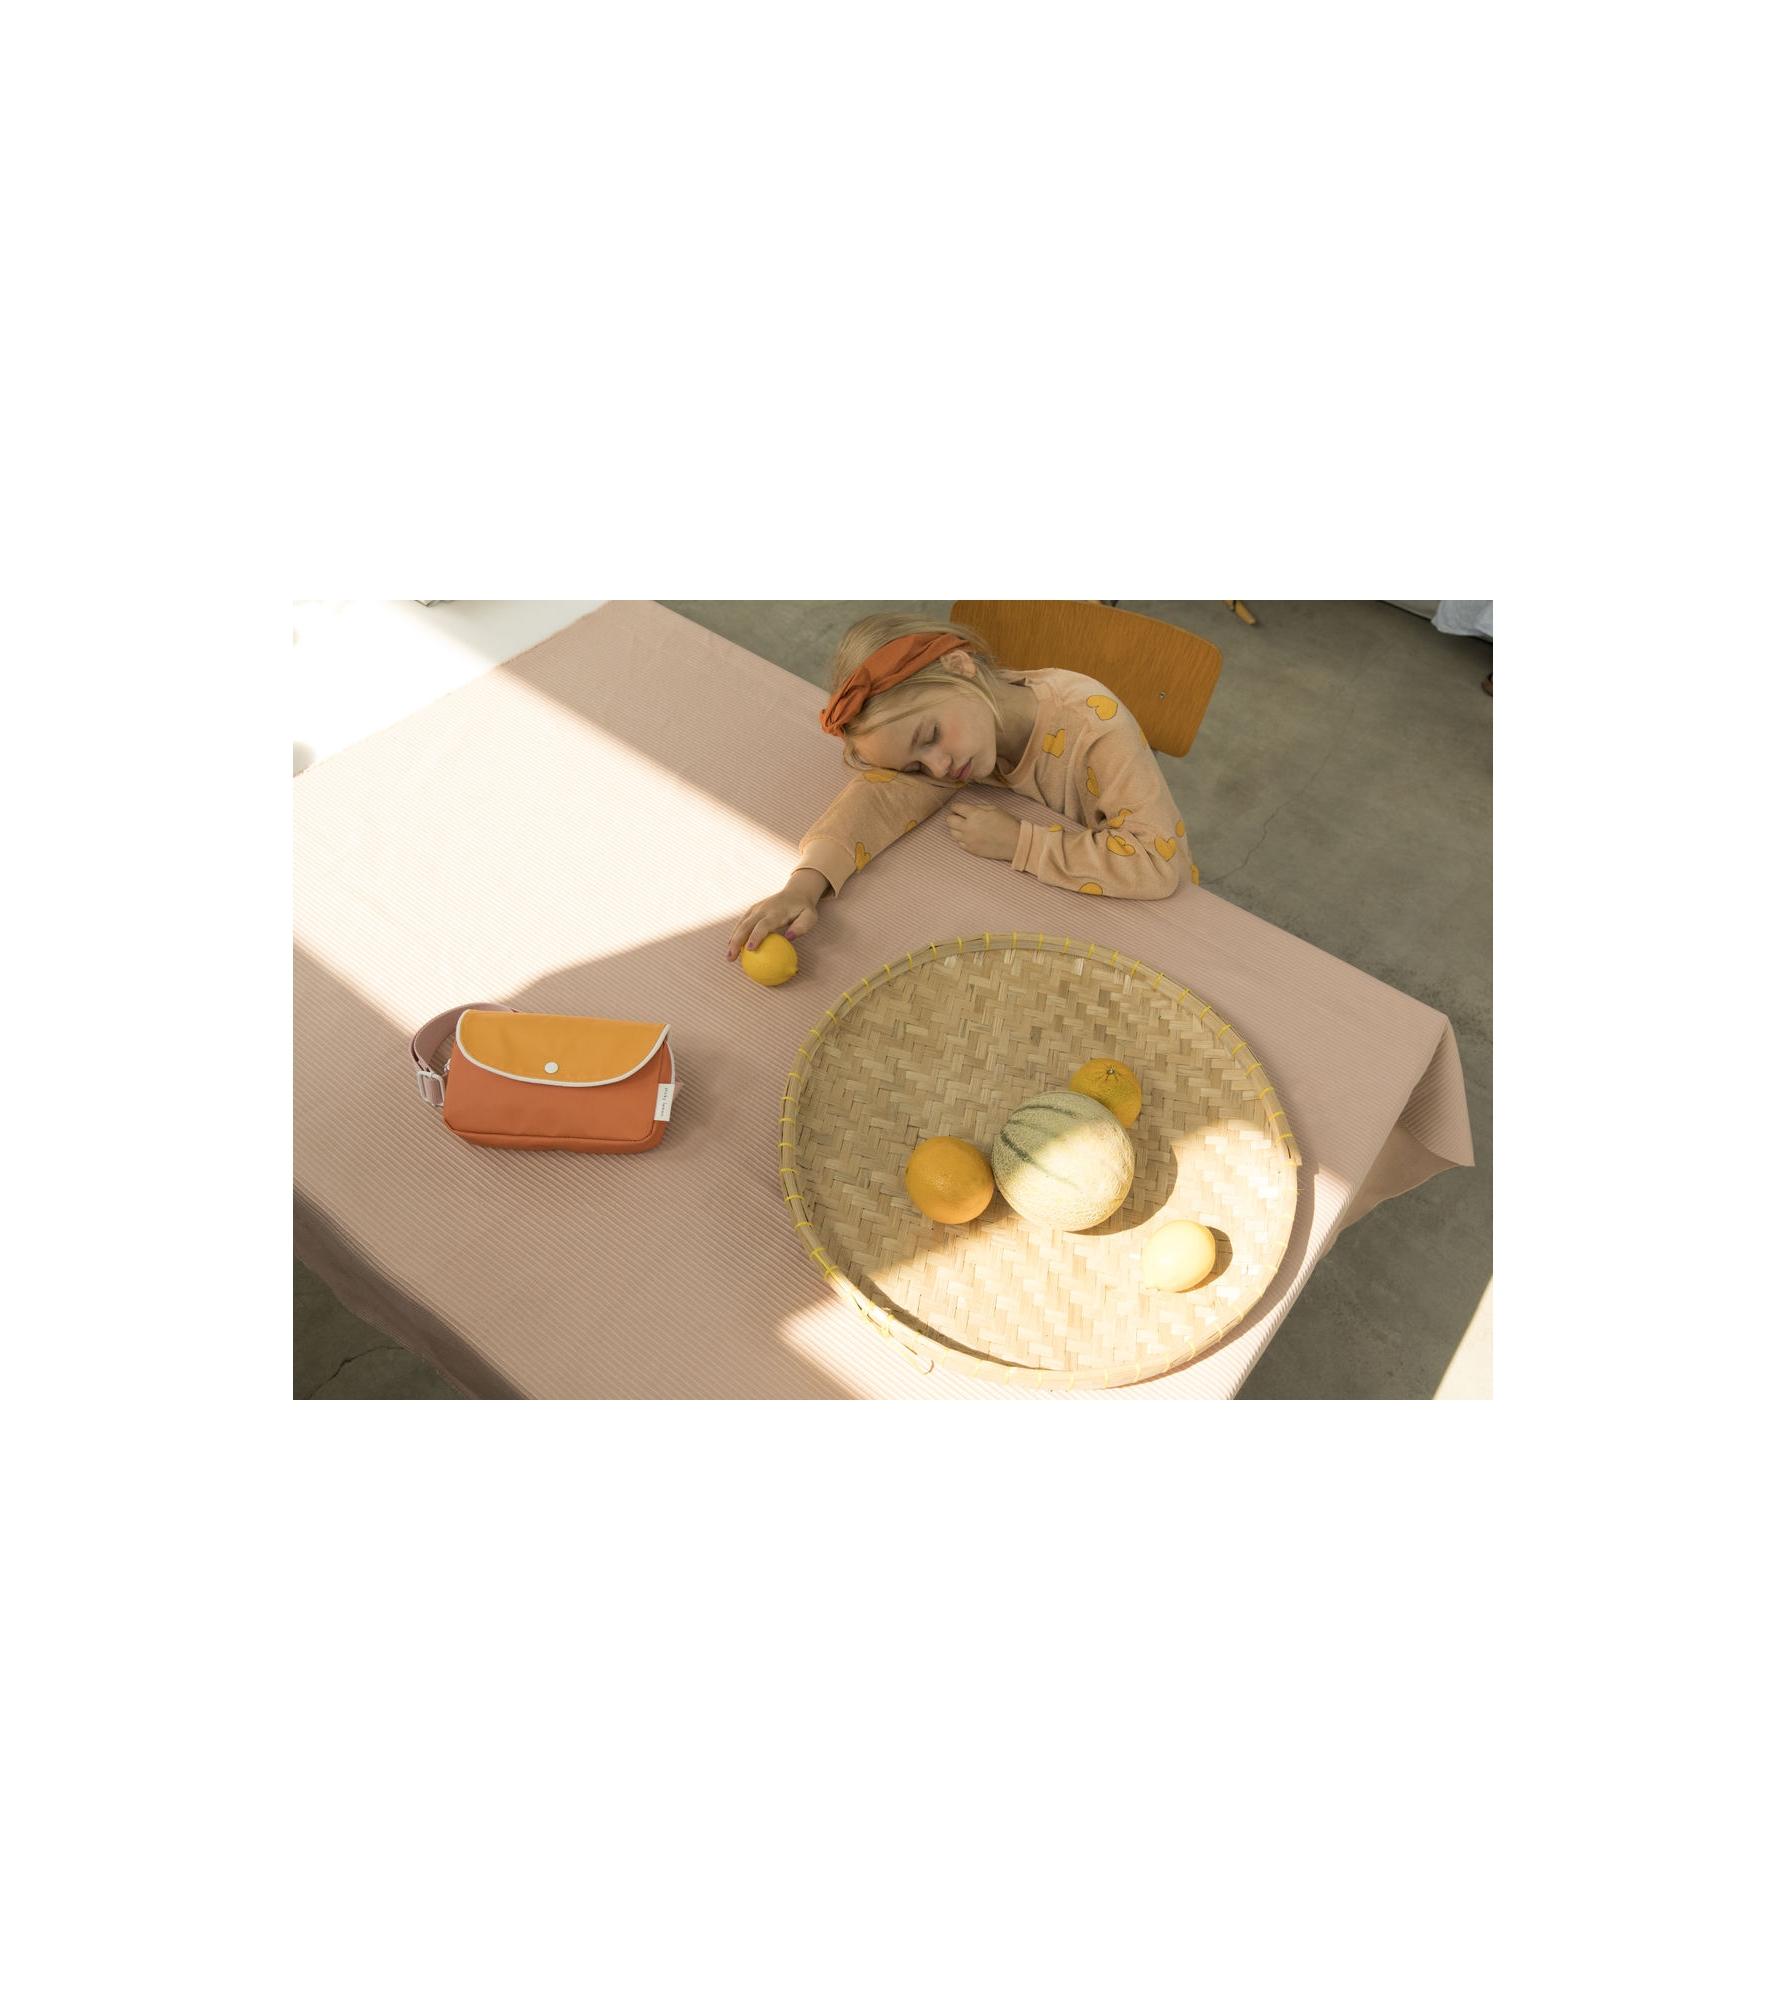 1801667 - Sticky Lemon - fanny pack - wanderer - carrot orange + sunny yellow + candy pink - sty (3).jpg